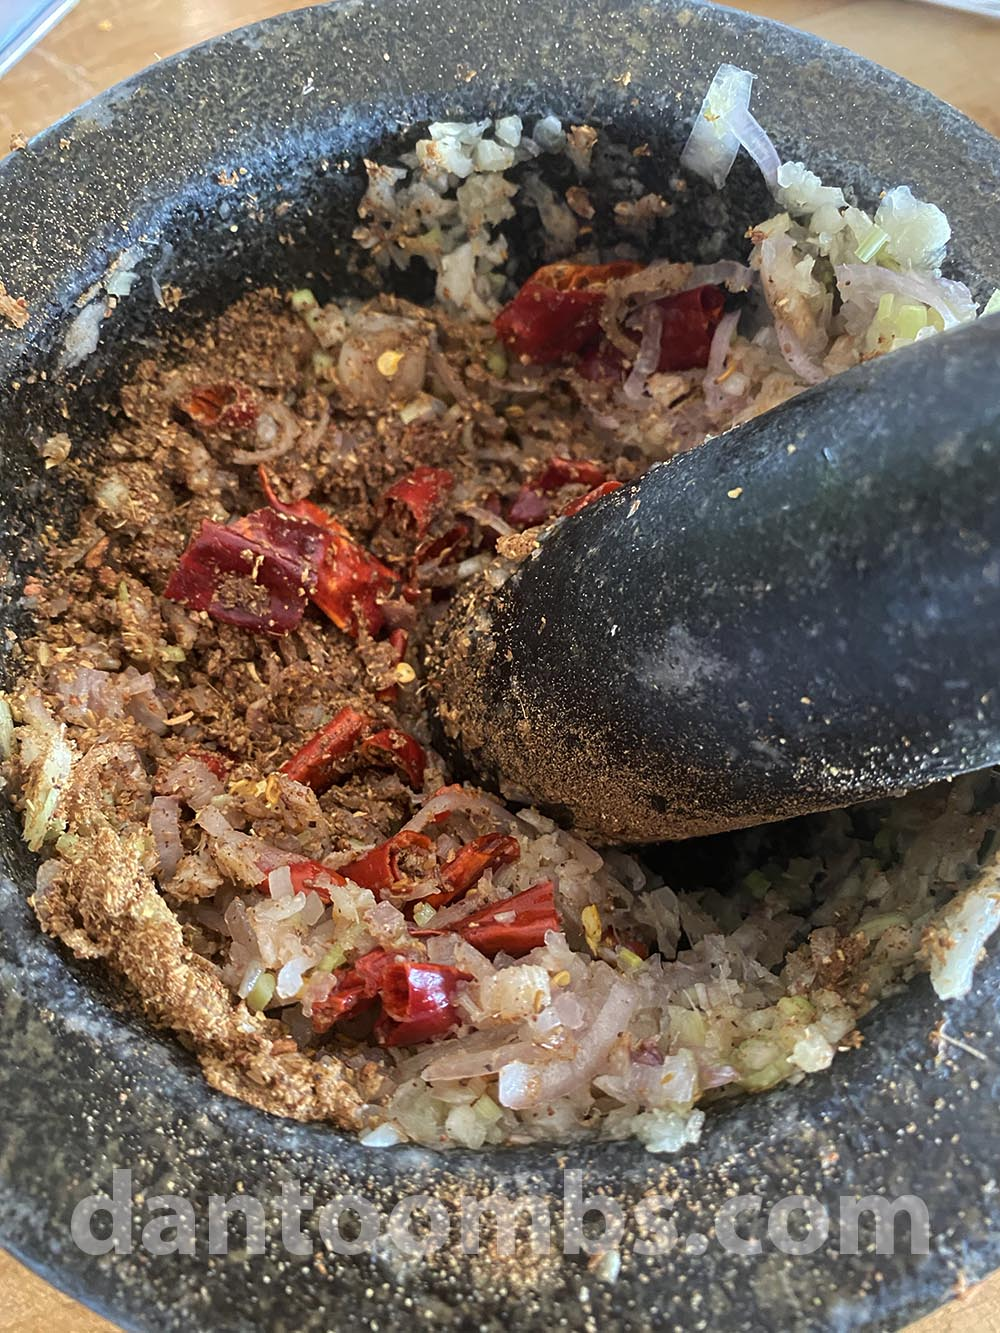 Adding ground spices